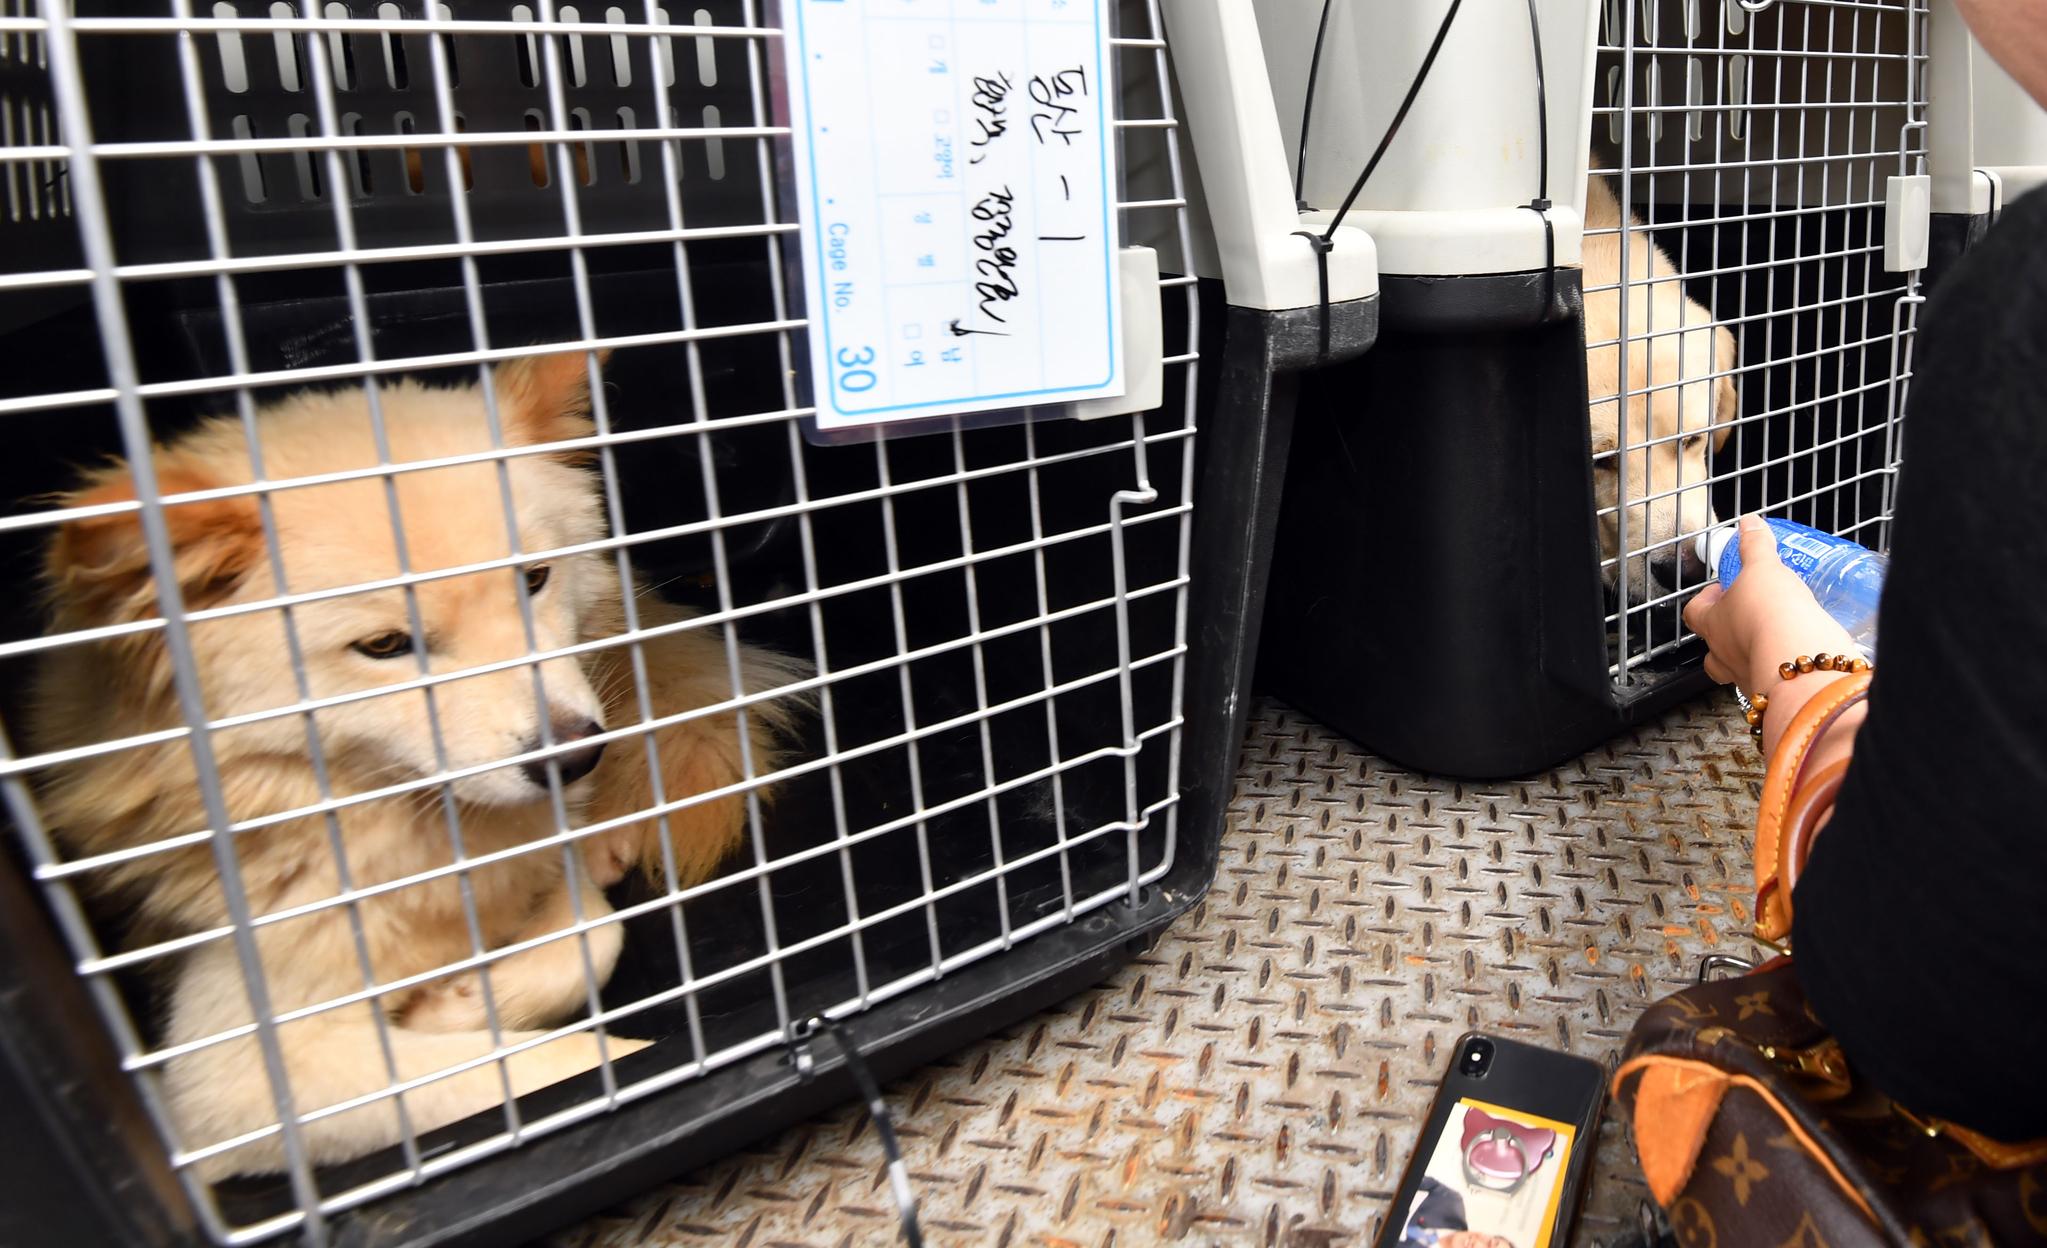 1일 오후 부산 북구 구포가축시장에서 동물보호단체 회원이 도축 위기서 구출된 동물에게 물을 주고 있다.[뉴시스]